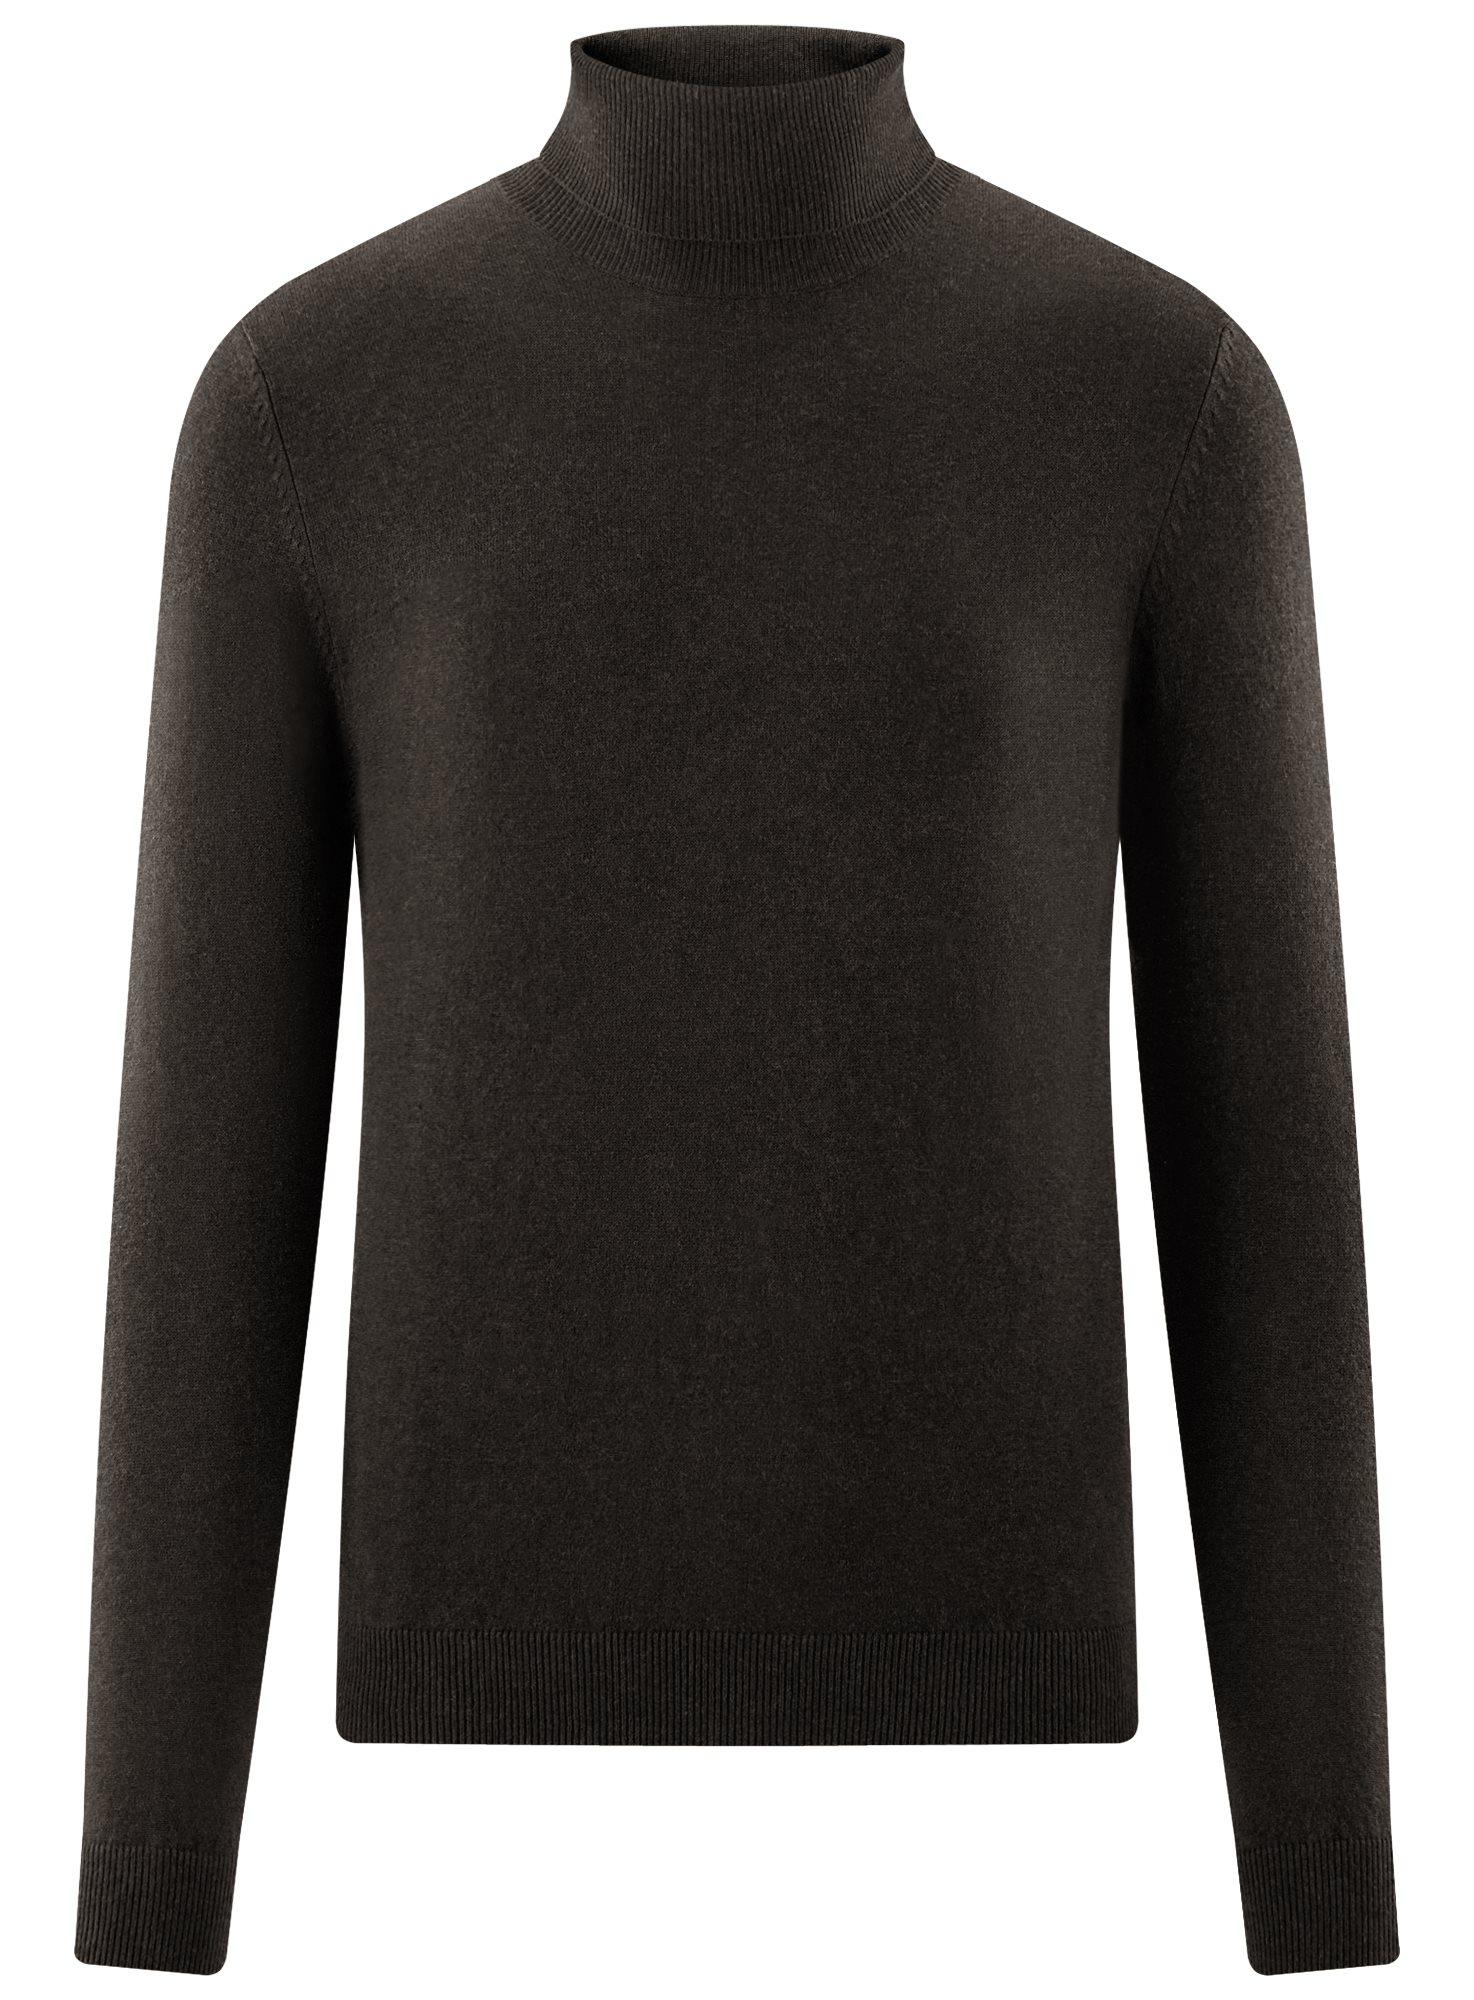 Свитер базовый из хлопка oodji для мужчины (коричневый), 4B312003M-1/34390N/3901M